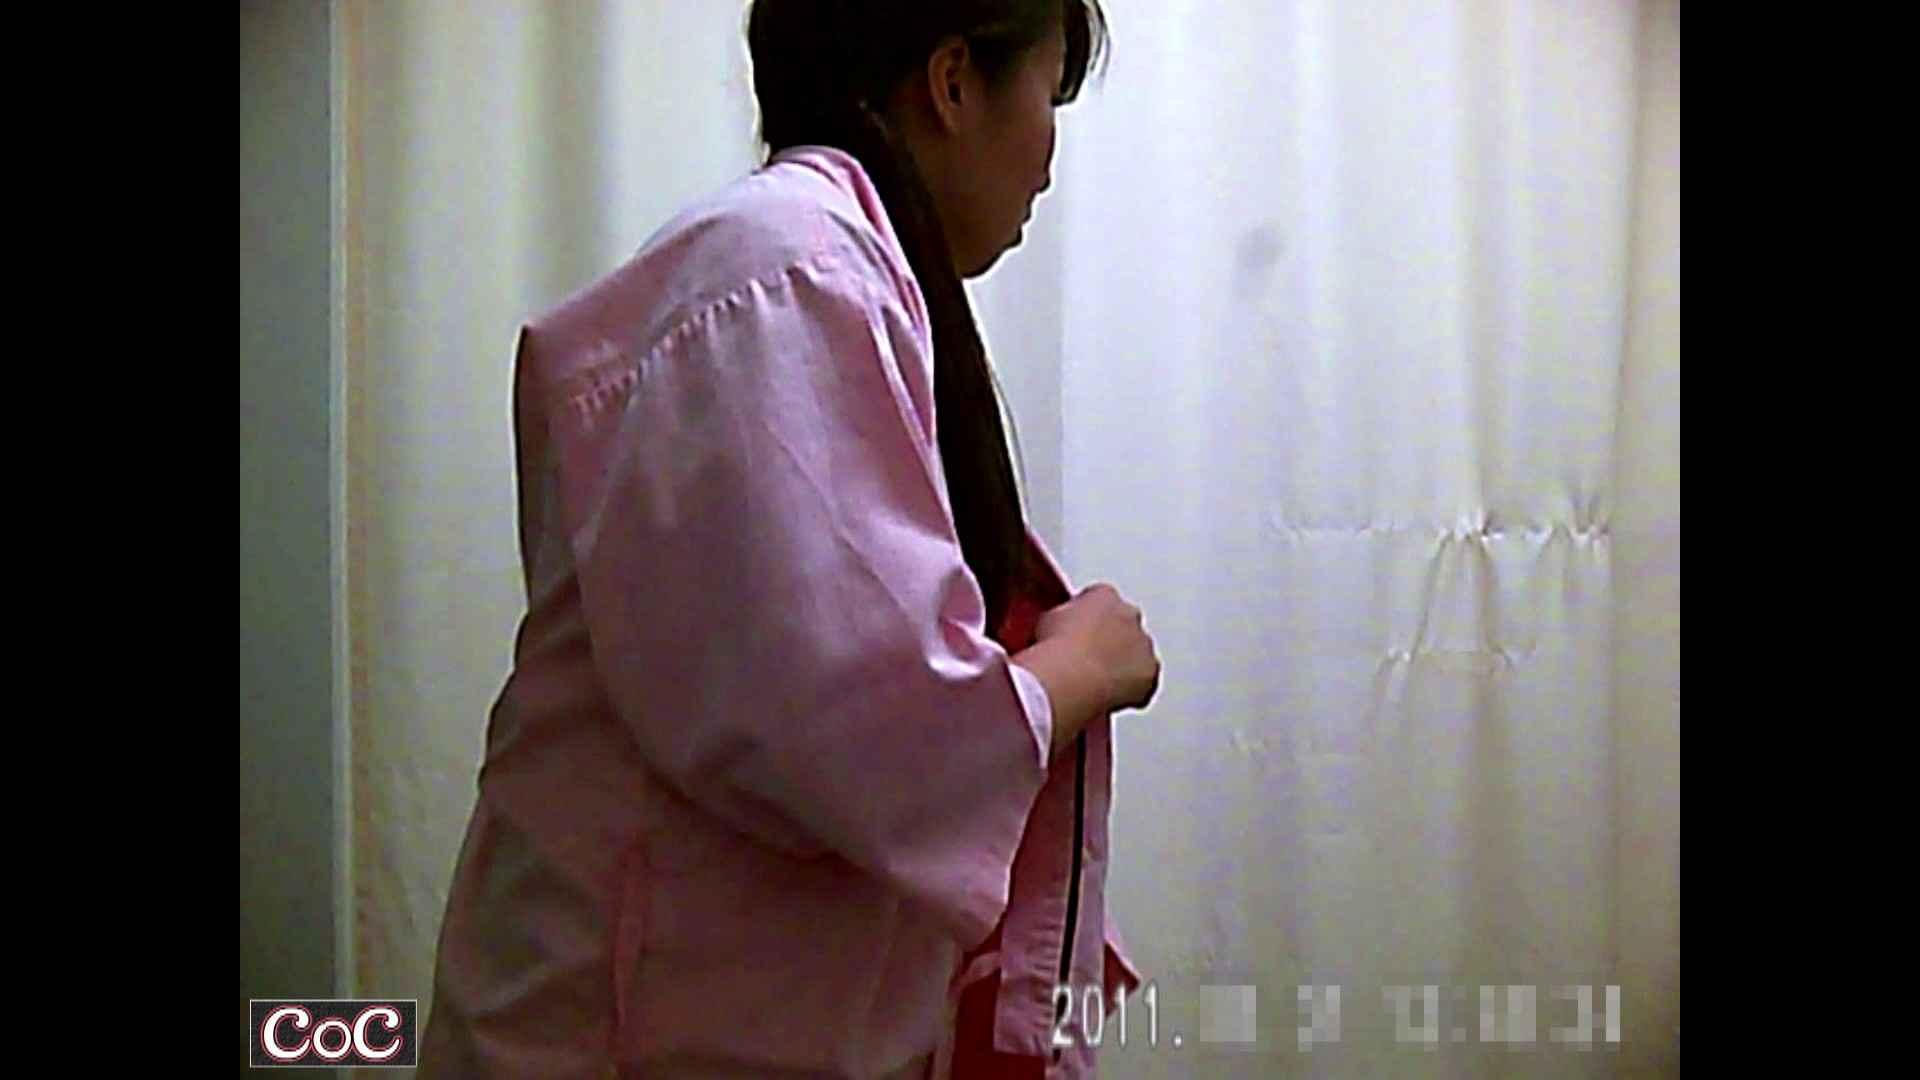 病院おもいっきり着替え! vol.19 おっぱい すけべAV動画紹介 92画像 74